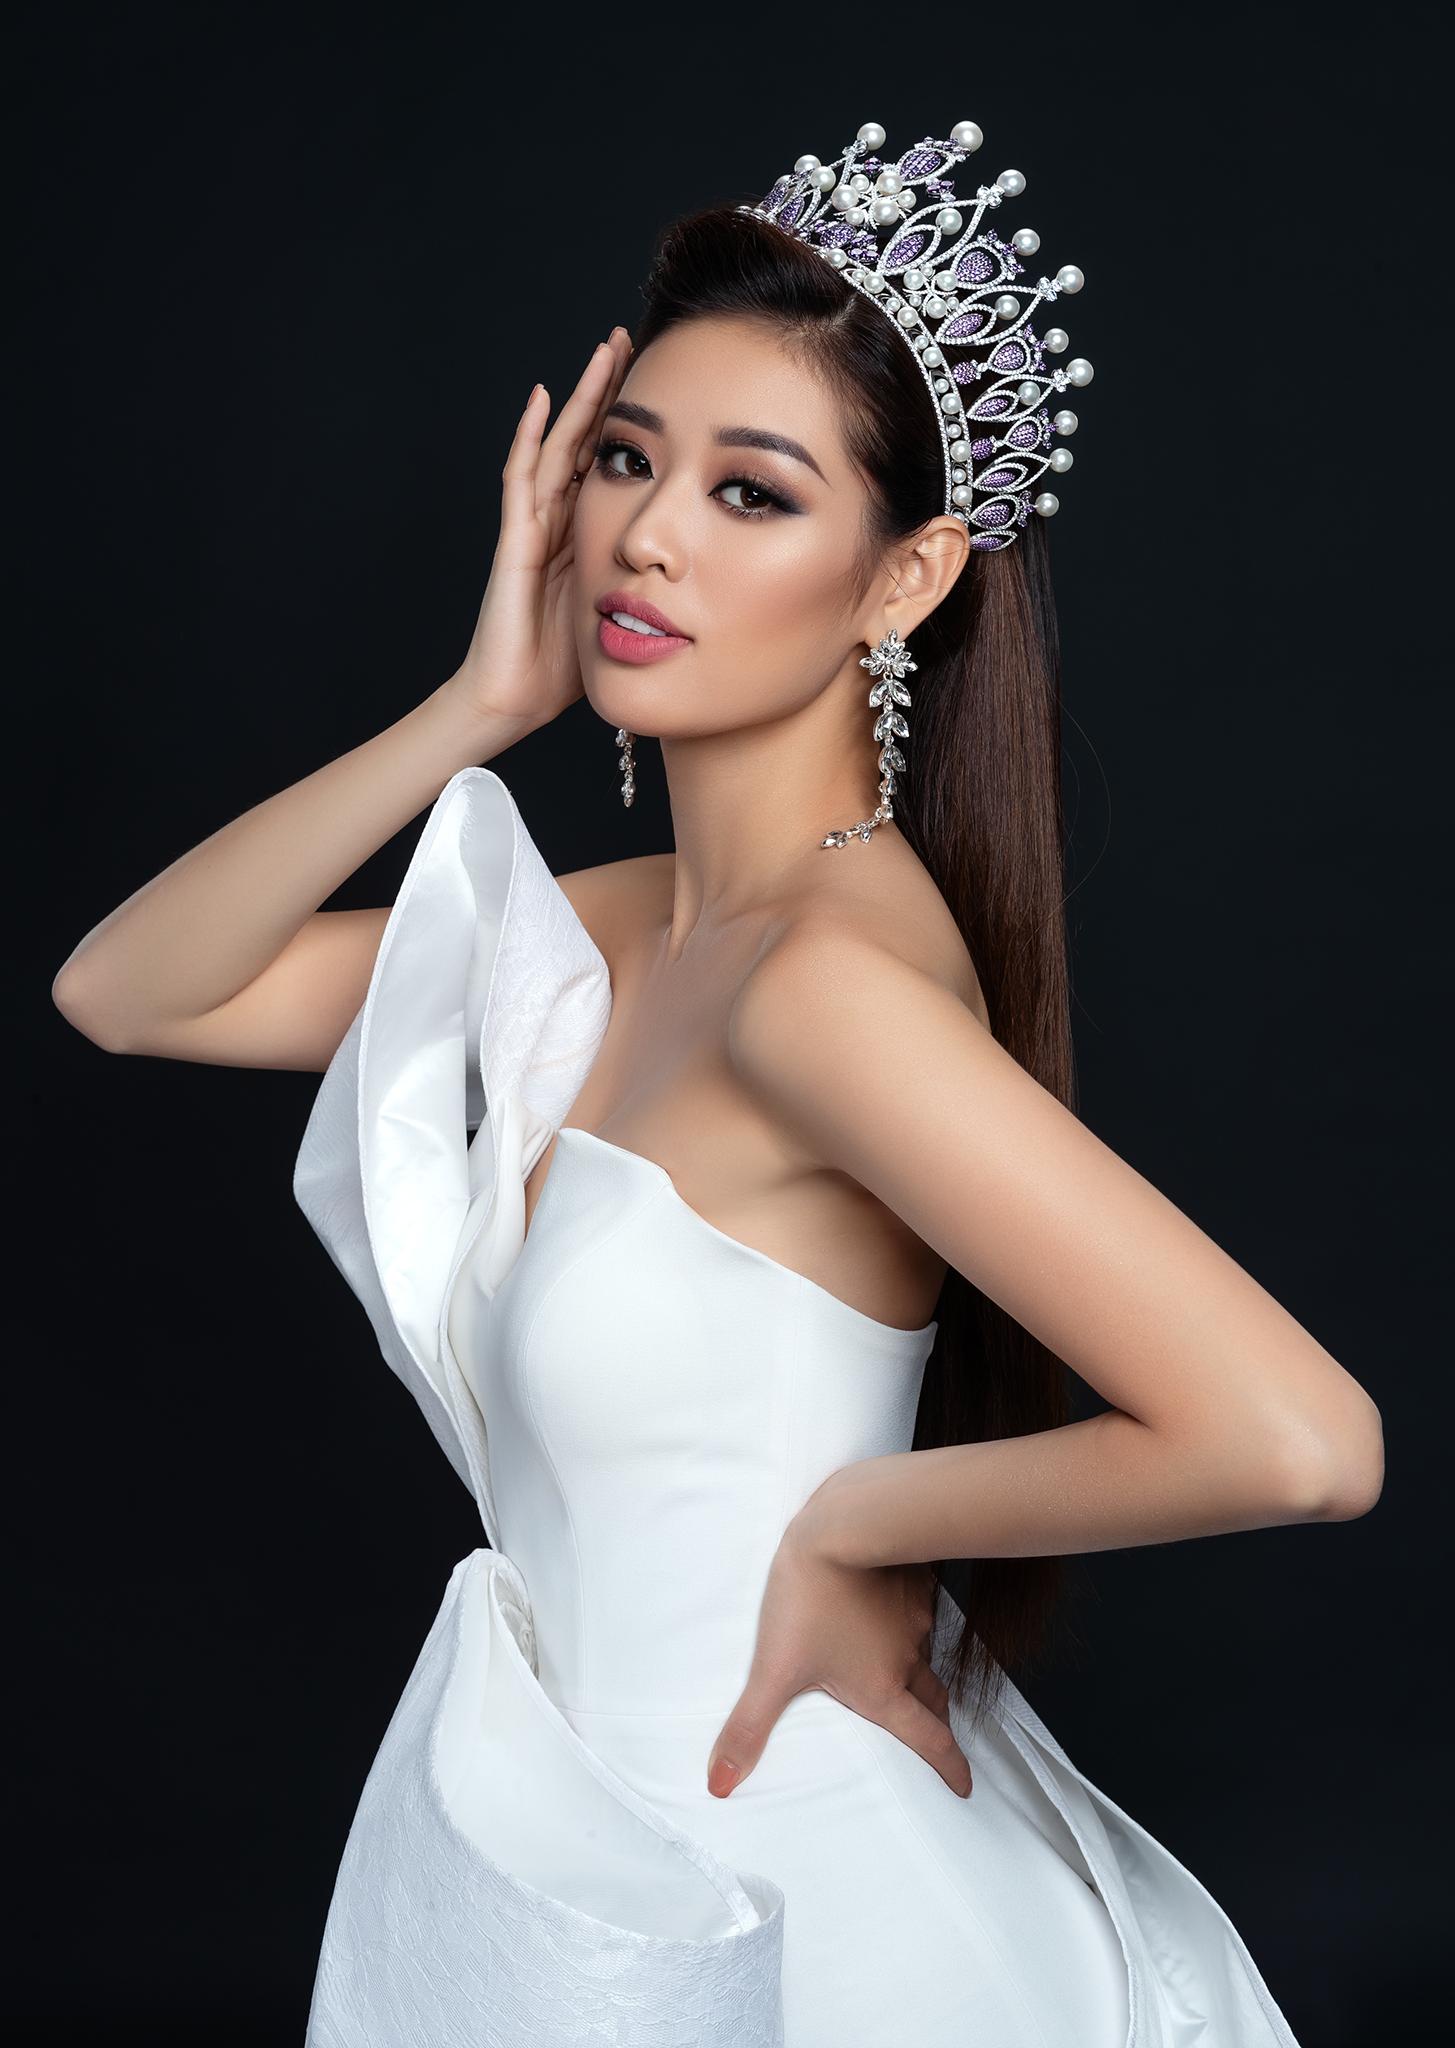 """Hoa hậu Khánh Vân: Hành trình từ Miss Universe Vietnam đến Top 20 """"Hoa hậu của các hoa hậu"""""""